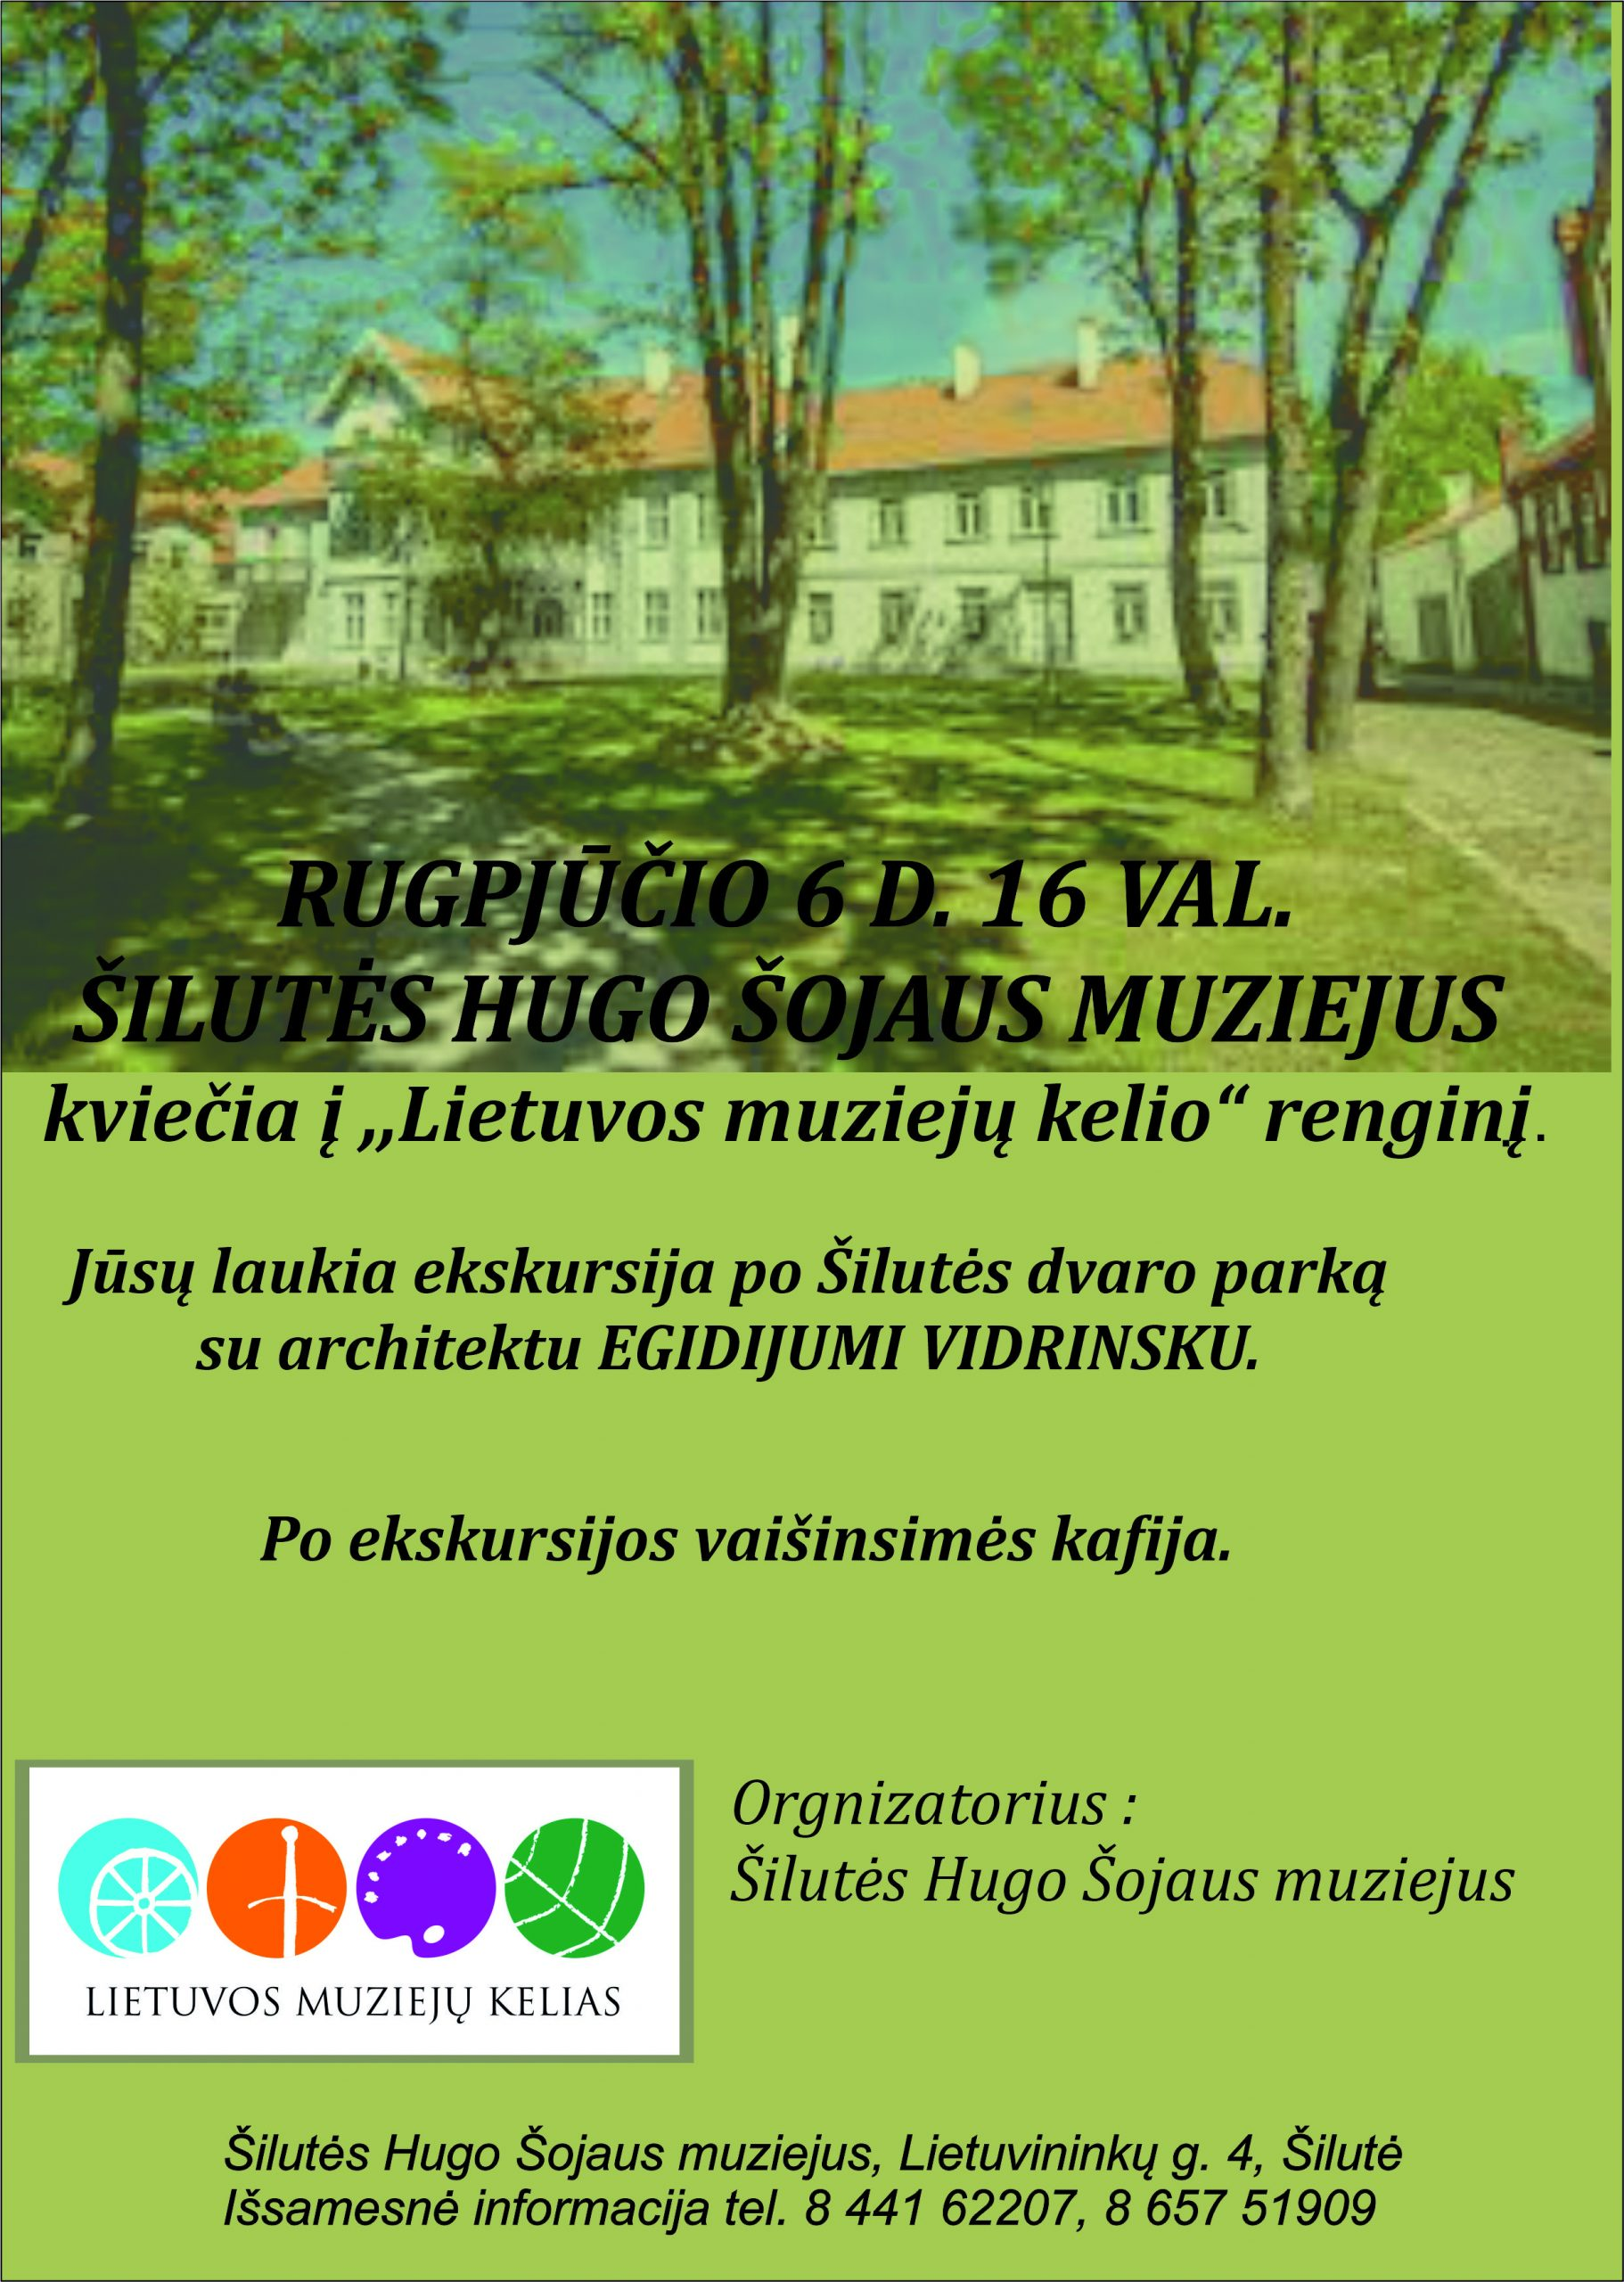 """Šilutės Hugo Šojaus muziejus kviečią į """"Lietuvos muziejų kelio""""  renginį"""